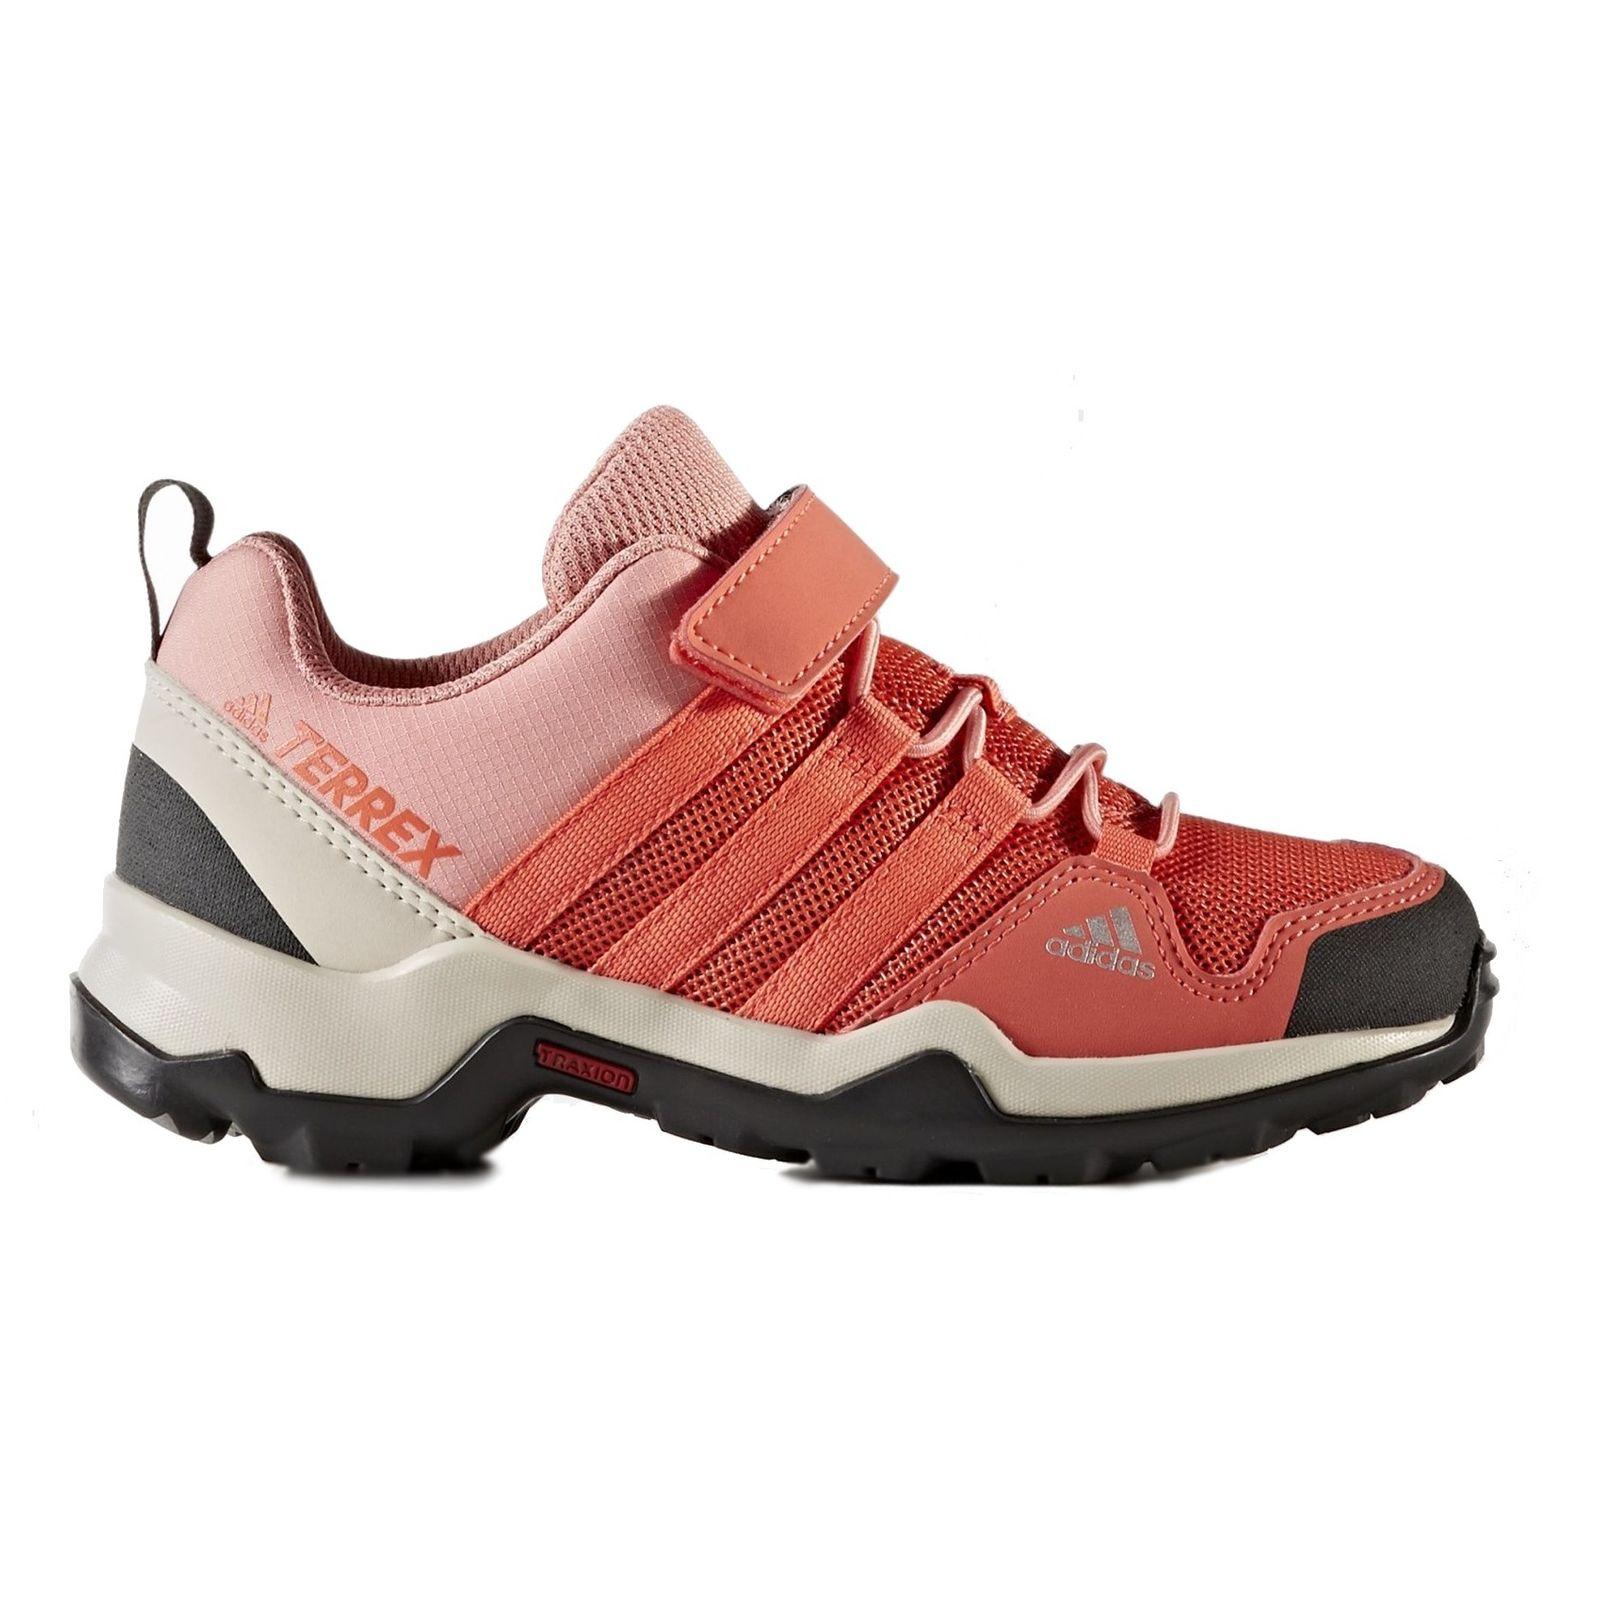 کفش طبیعت گردی بندی دخترانه TERREX AX2R - آدیداس - مرجاني - 1